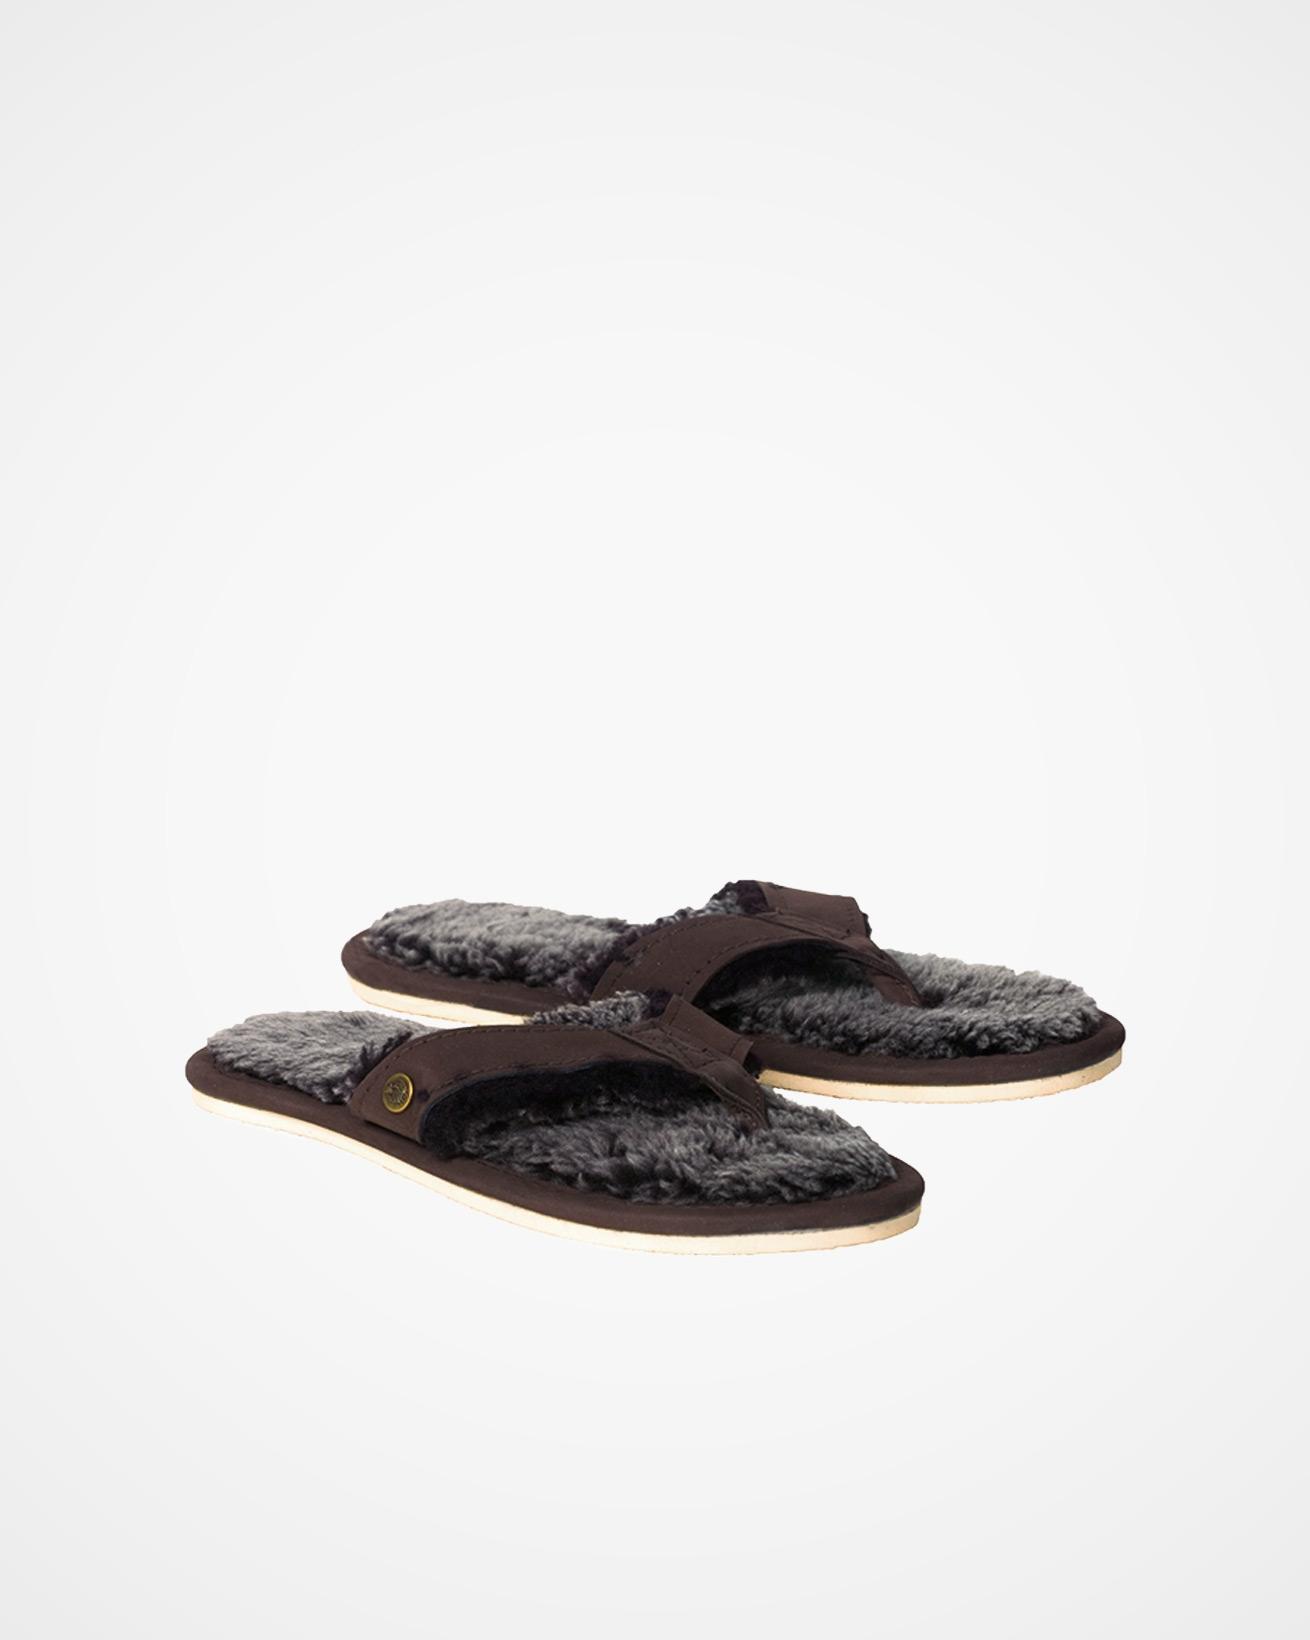 Shearling Flip Flops - Mocca - Size 7 - 2473